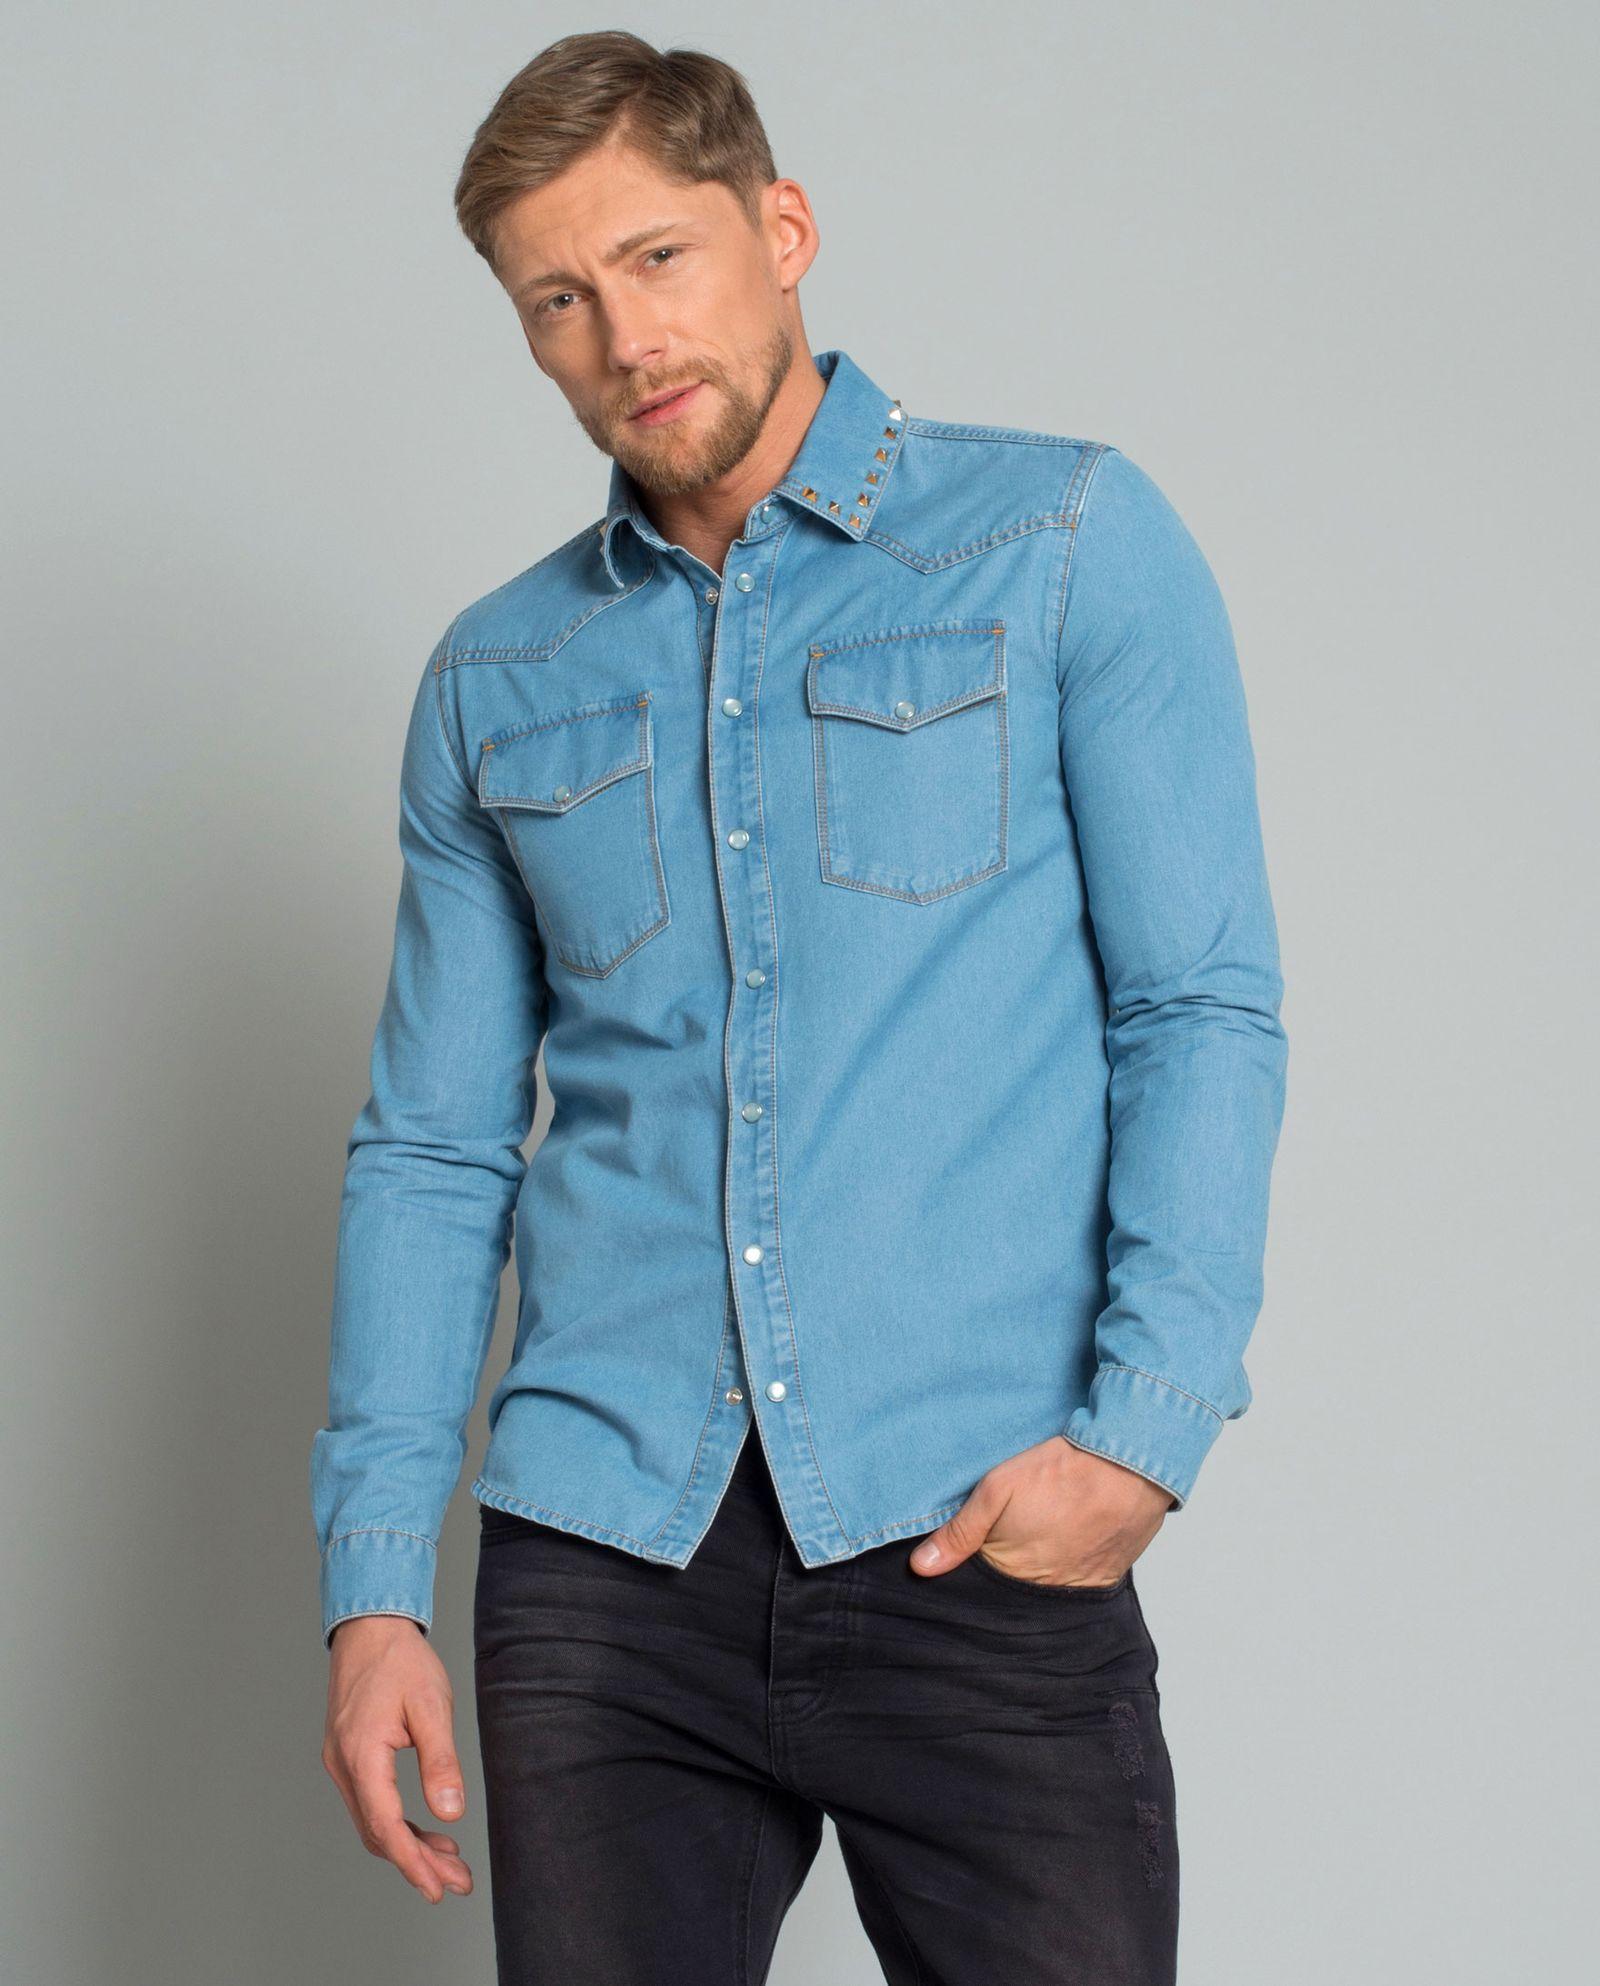 42ed29e8045f9f Koszula jeansowa VALENTINO – Kup Teraz! Najlepsze ceny i opinie! Sklep  Moliera2.com